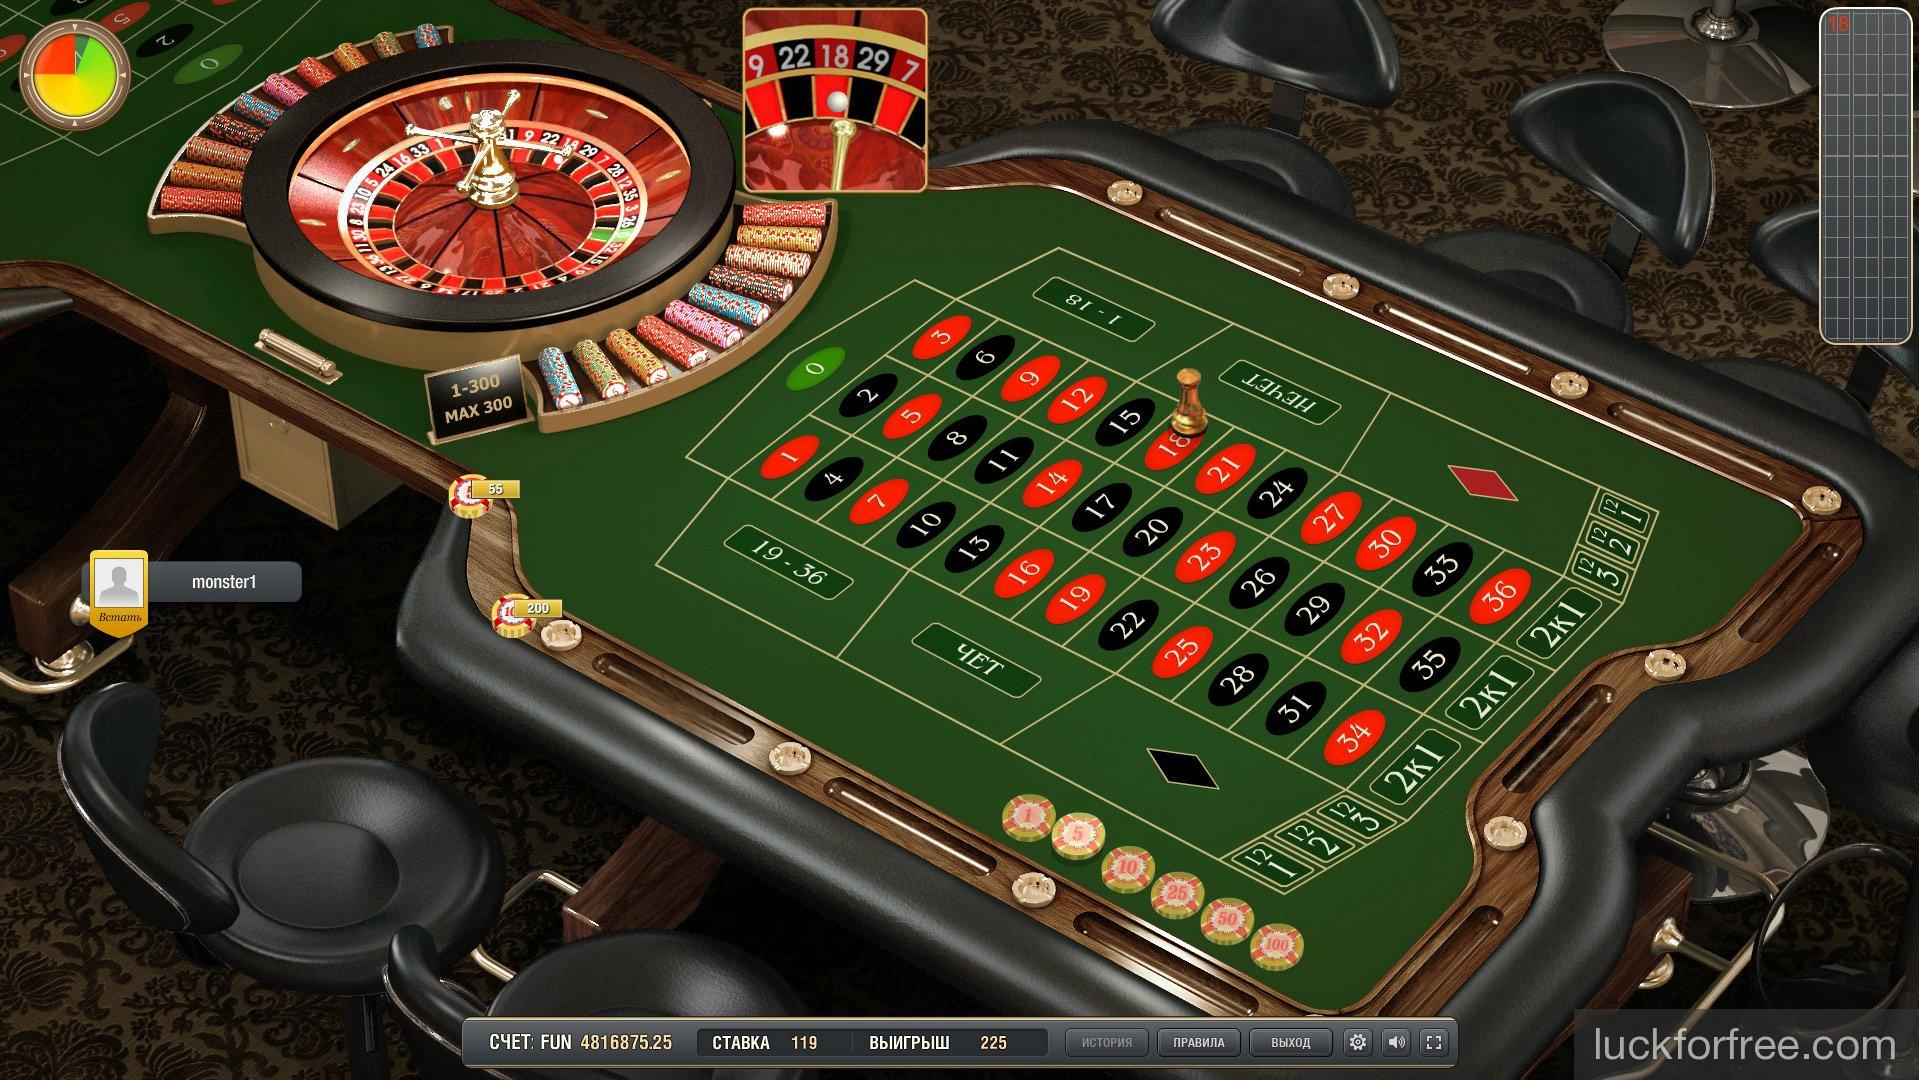 Игровые аппараты симуляторы играть без денег игра играть карты паук